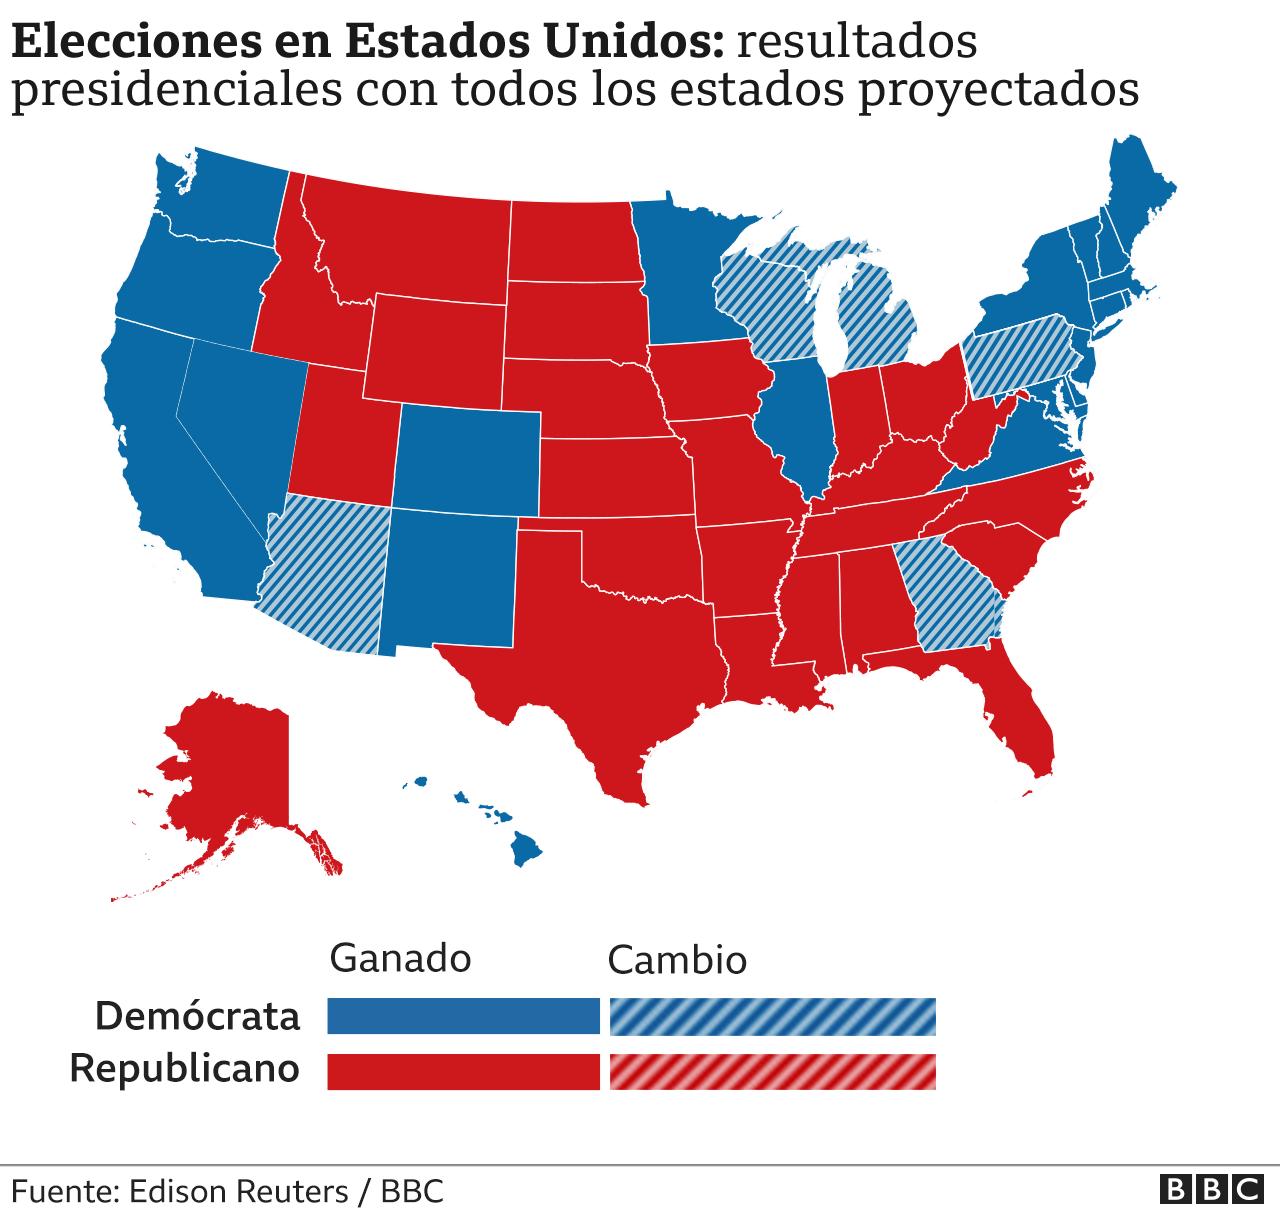 Mapa resultados presidenciales con todos los estados proyectados